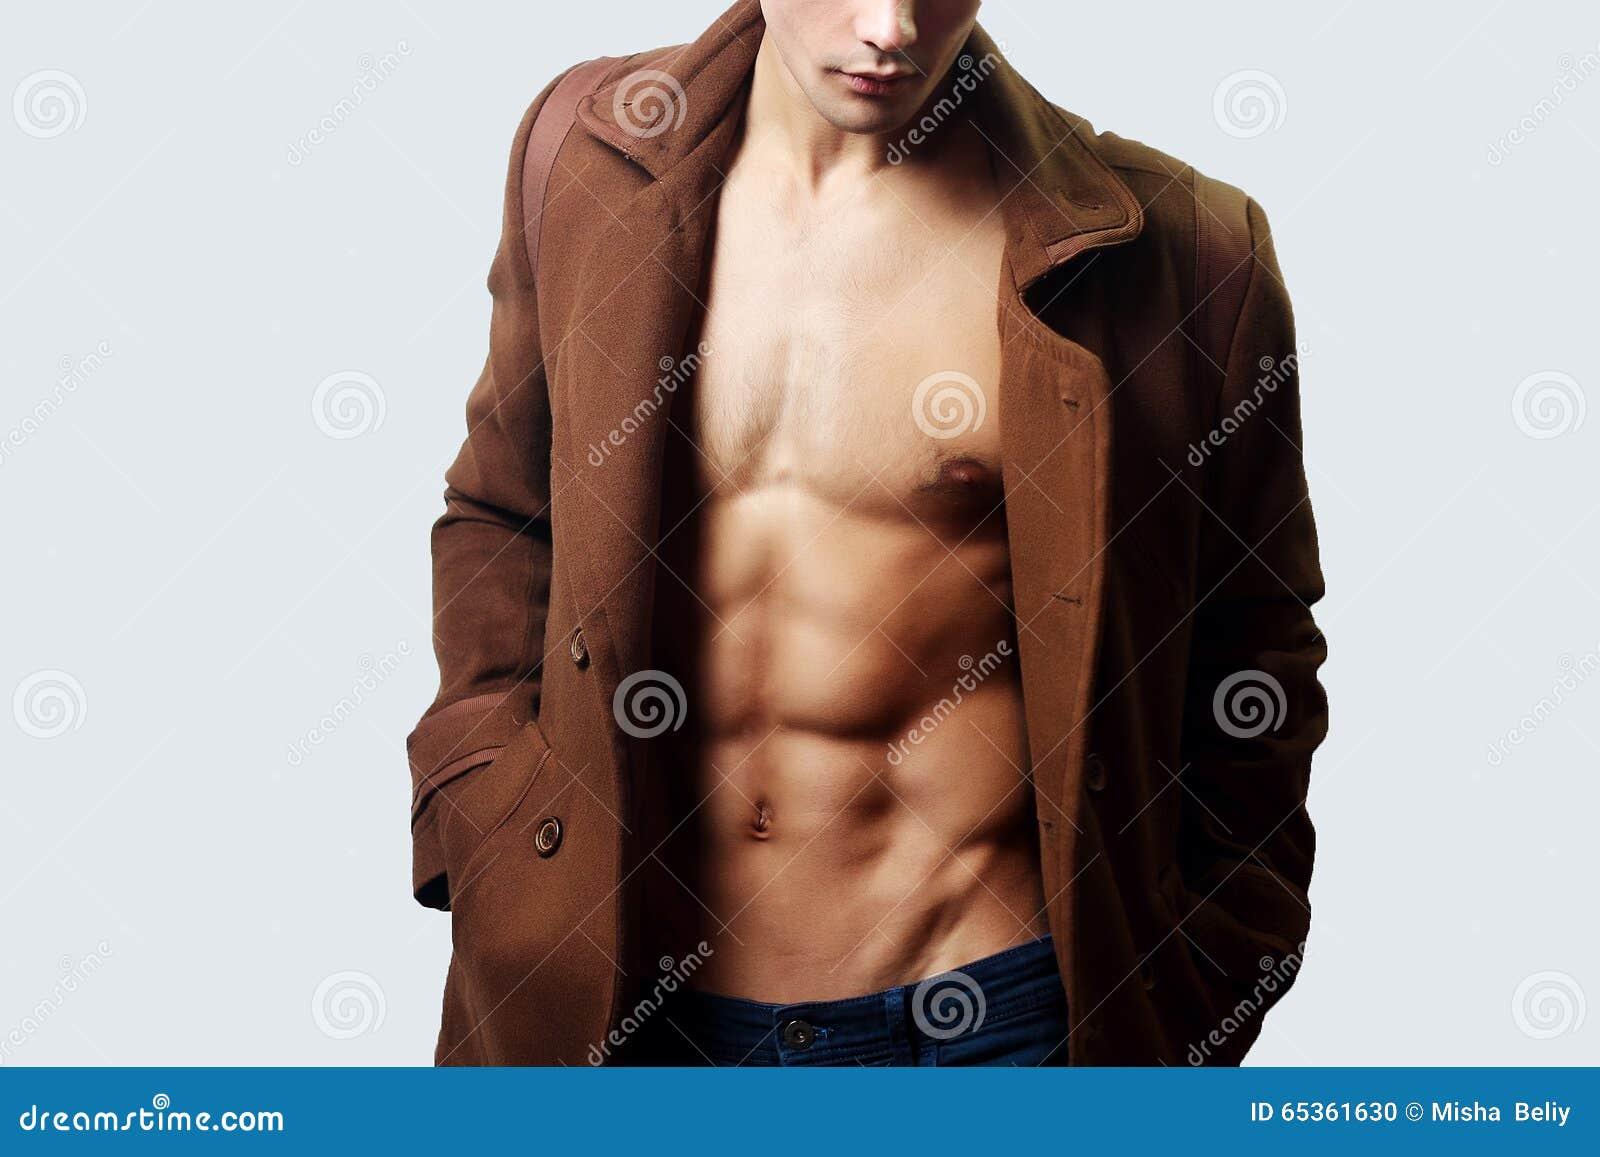 男性肌肉躯干